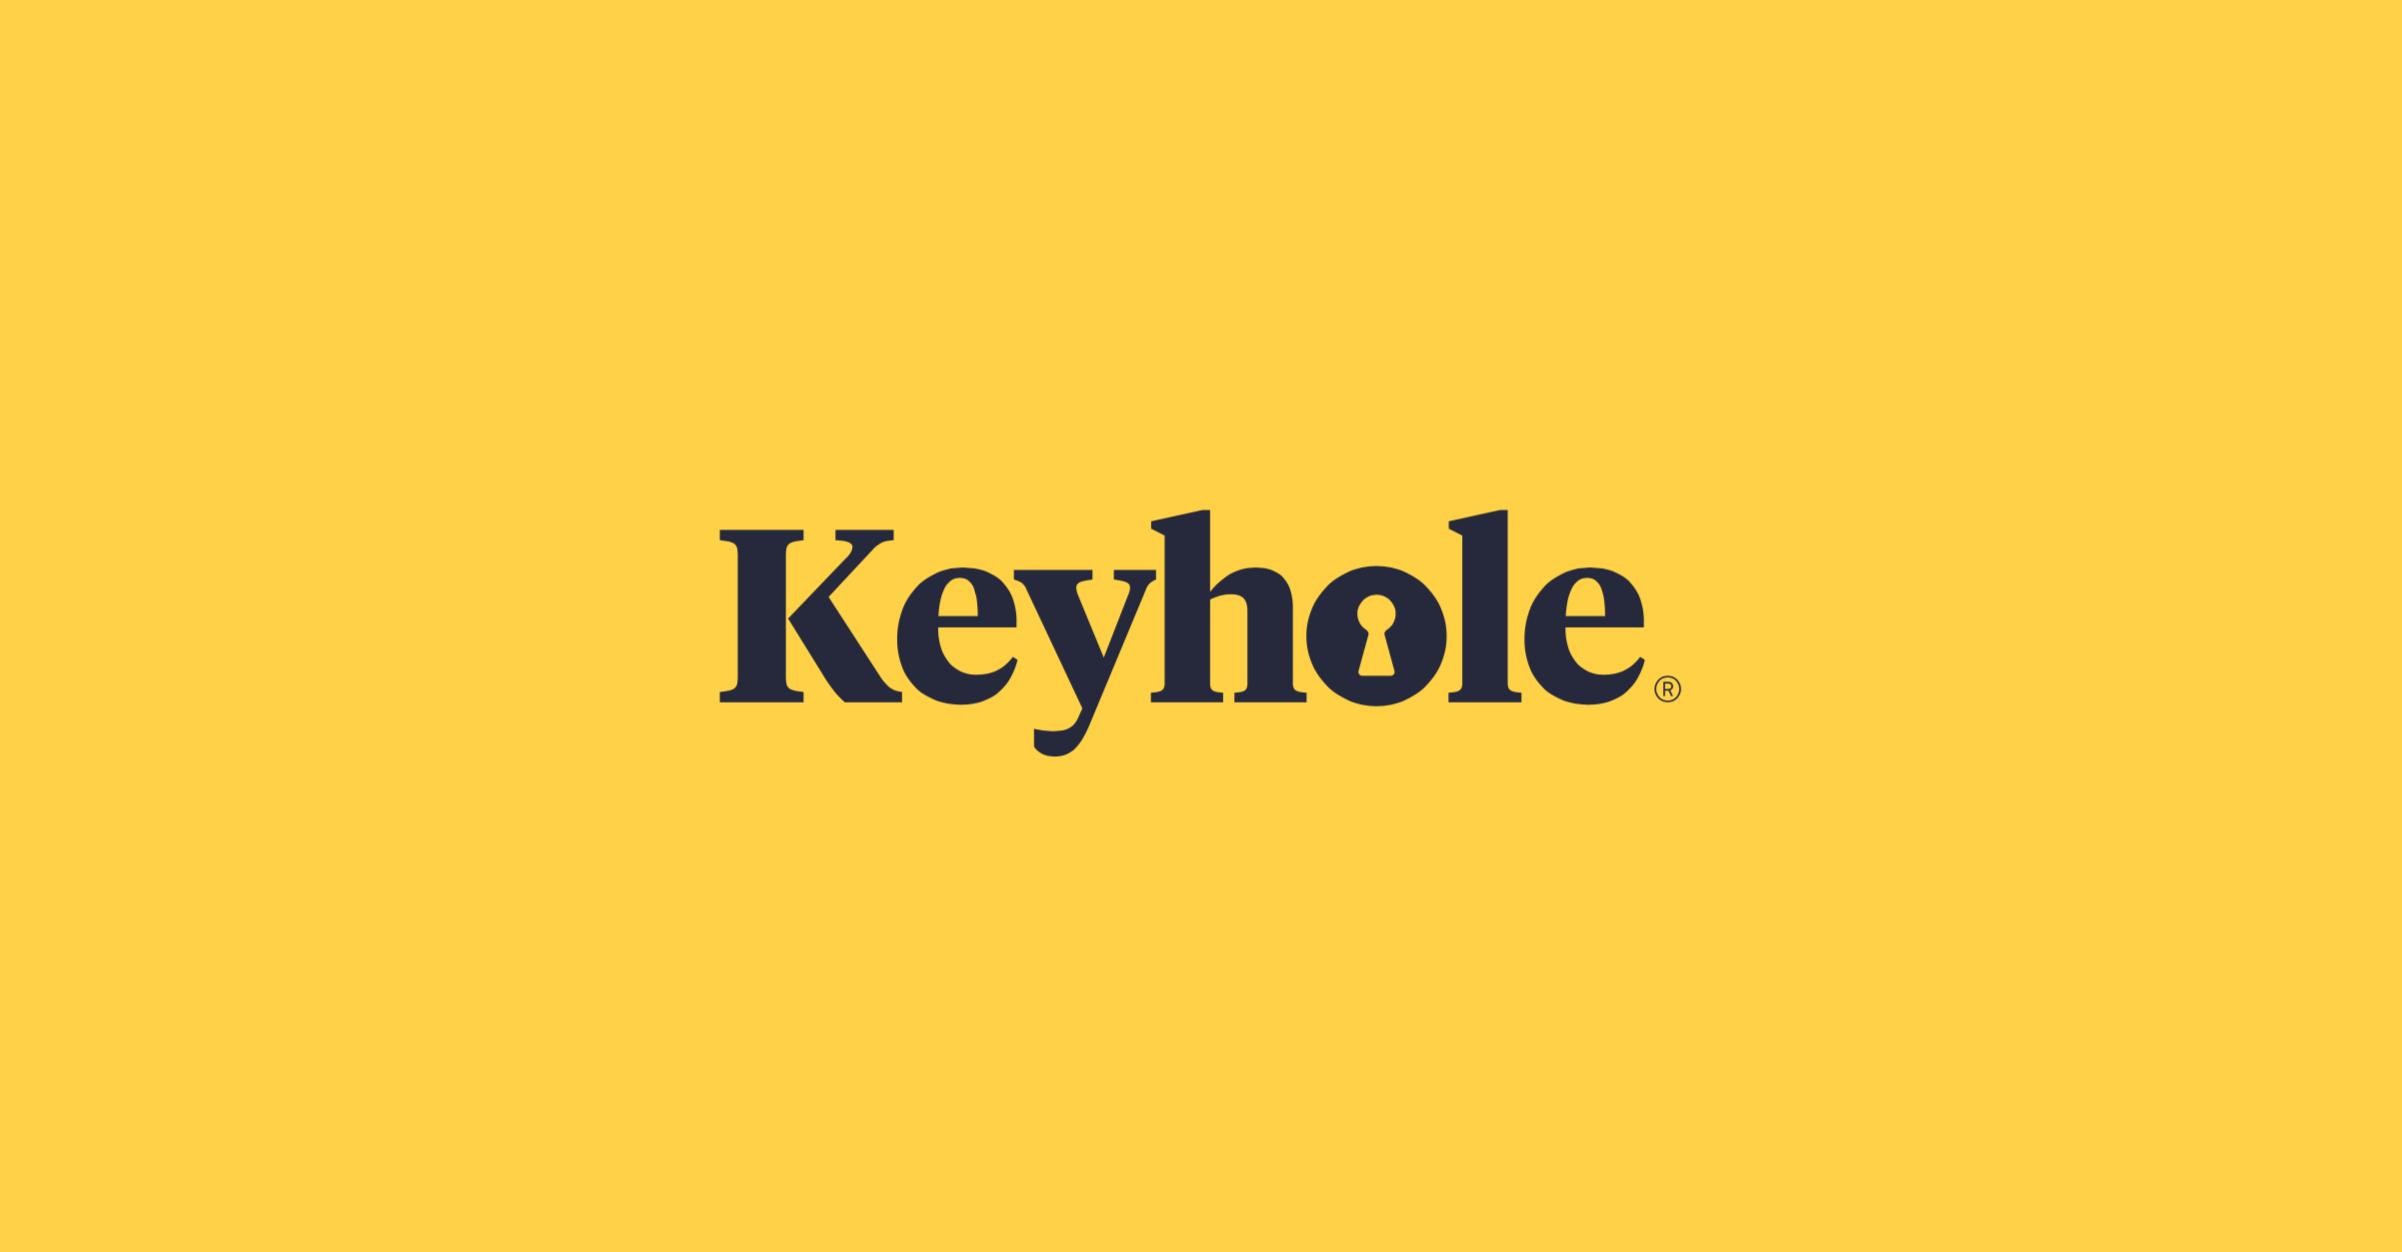 Keyhole_logo_yellow_background